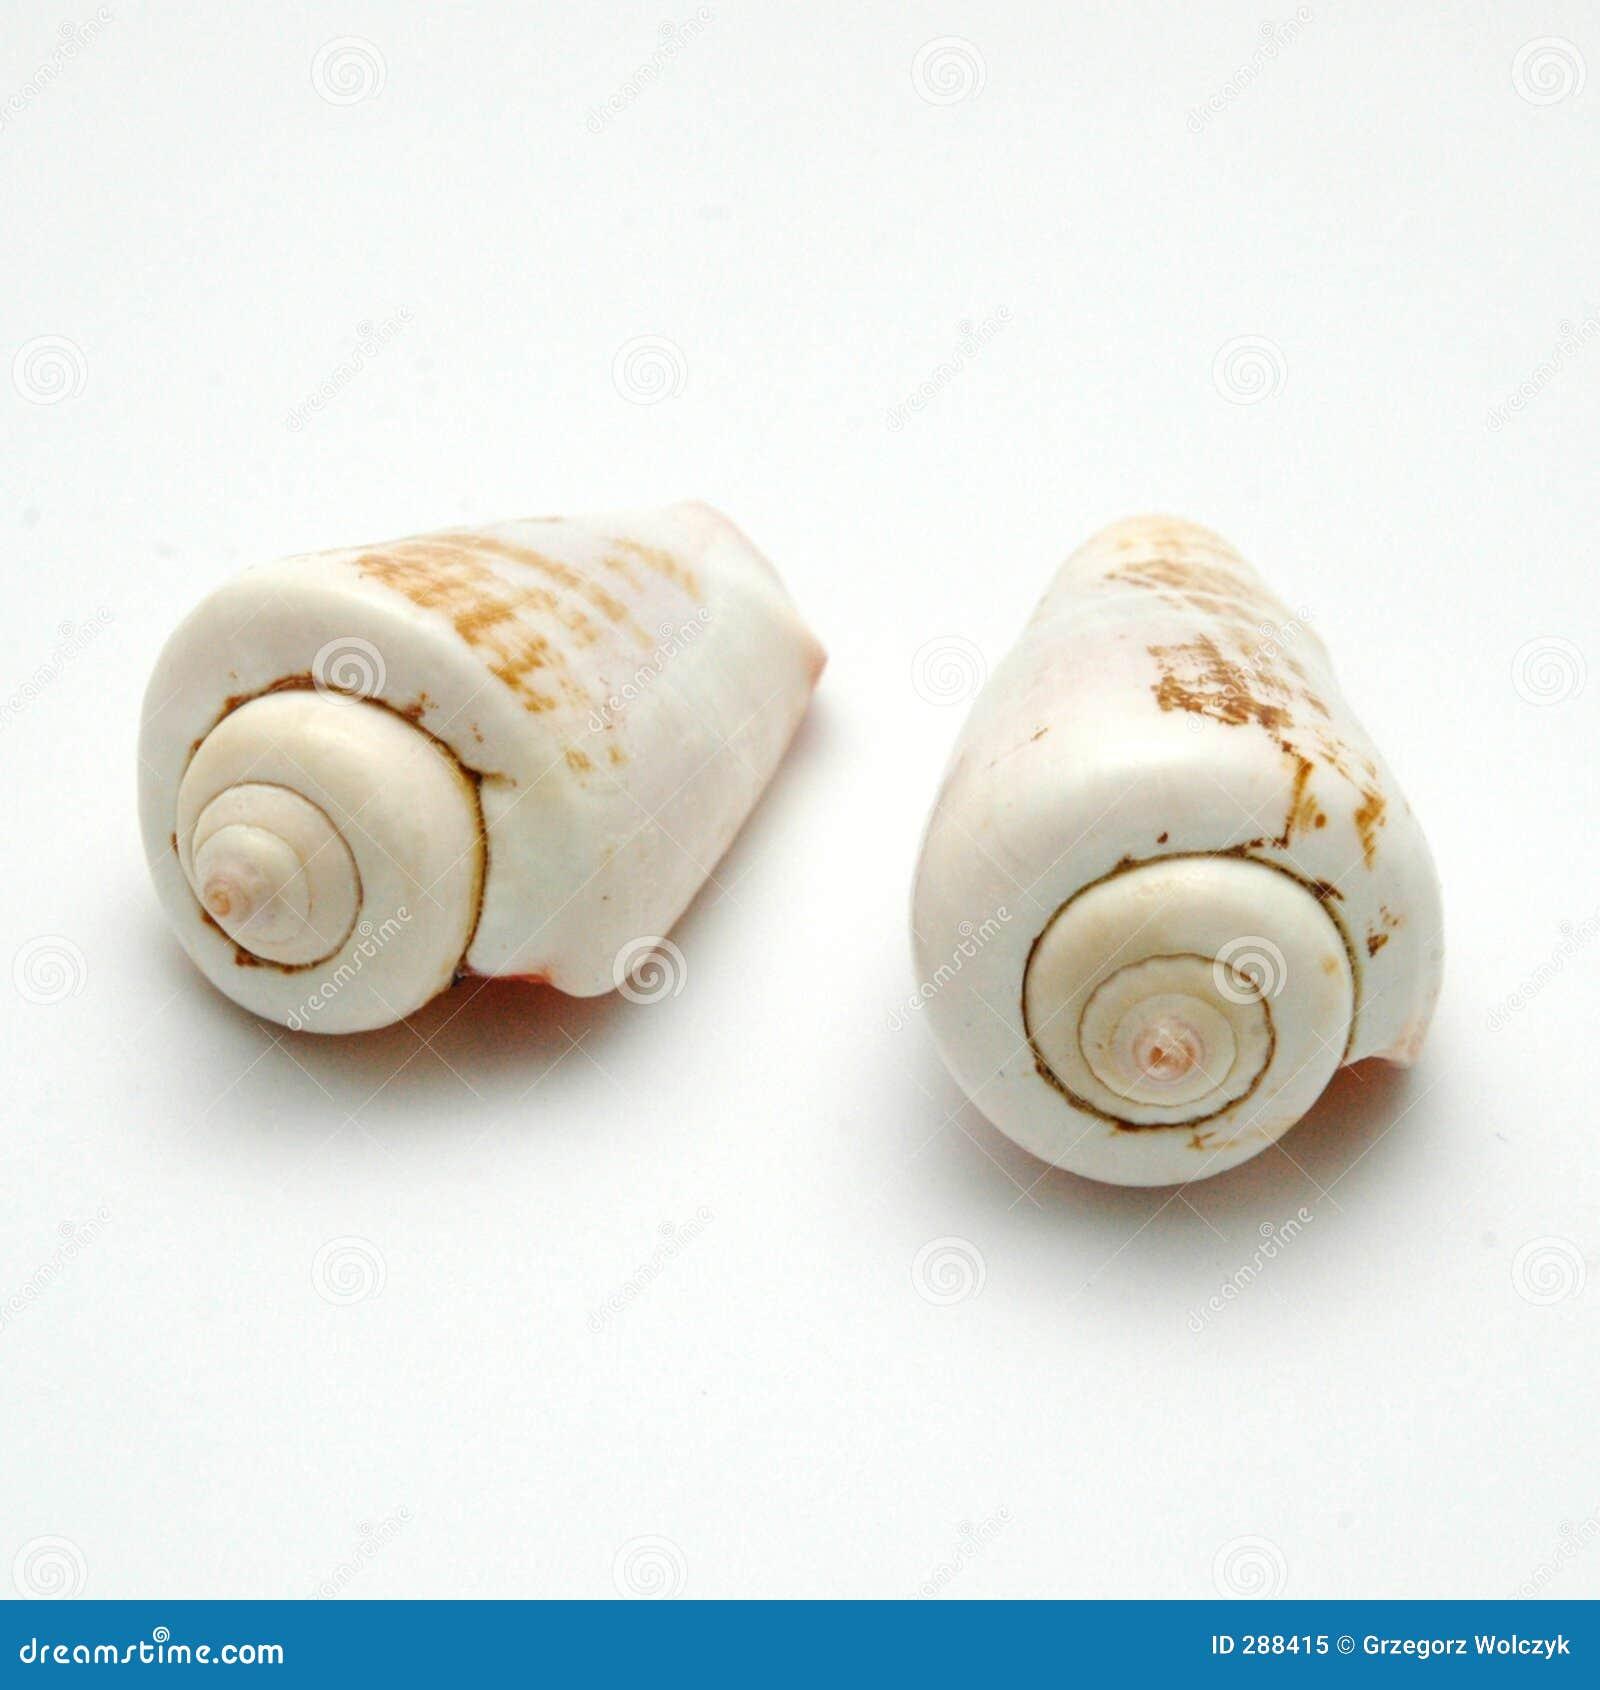 Shells_1